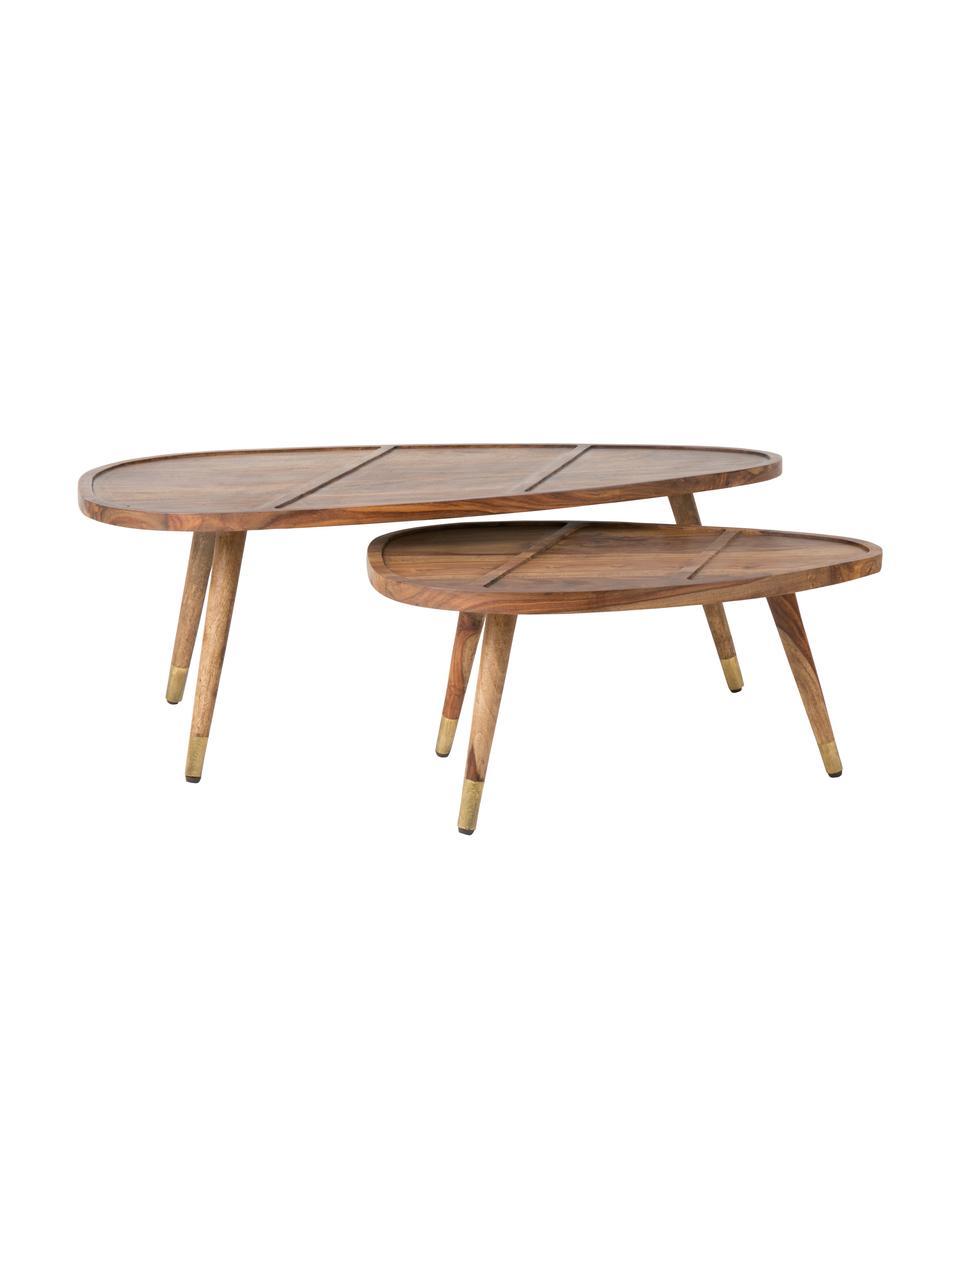 Couchtisch 2er-Set Sham aus Sheeshamholz, Tischplatte und Beine oben: Sheeshamholz Beine unten: Goldfarben, 110 x 40 cm